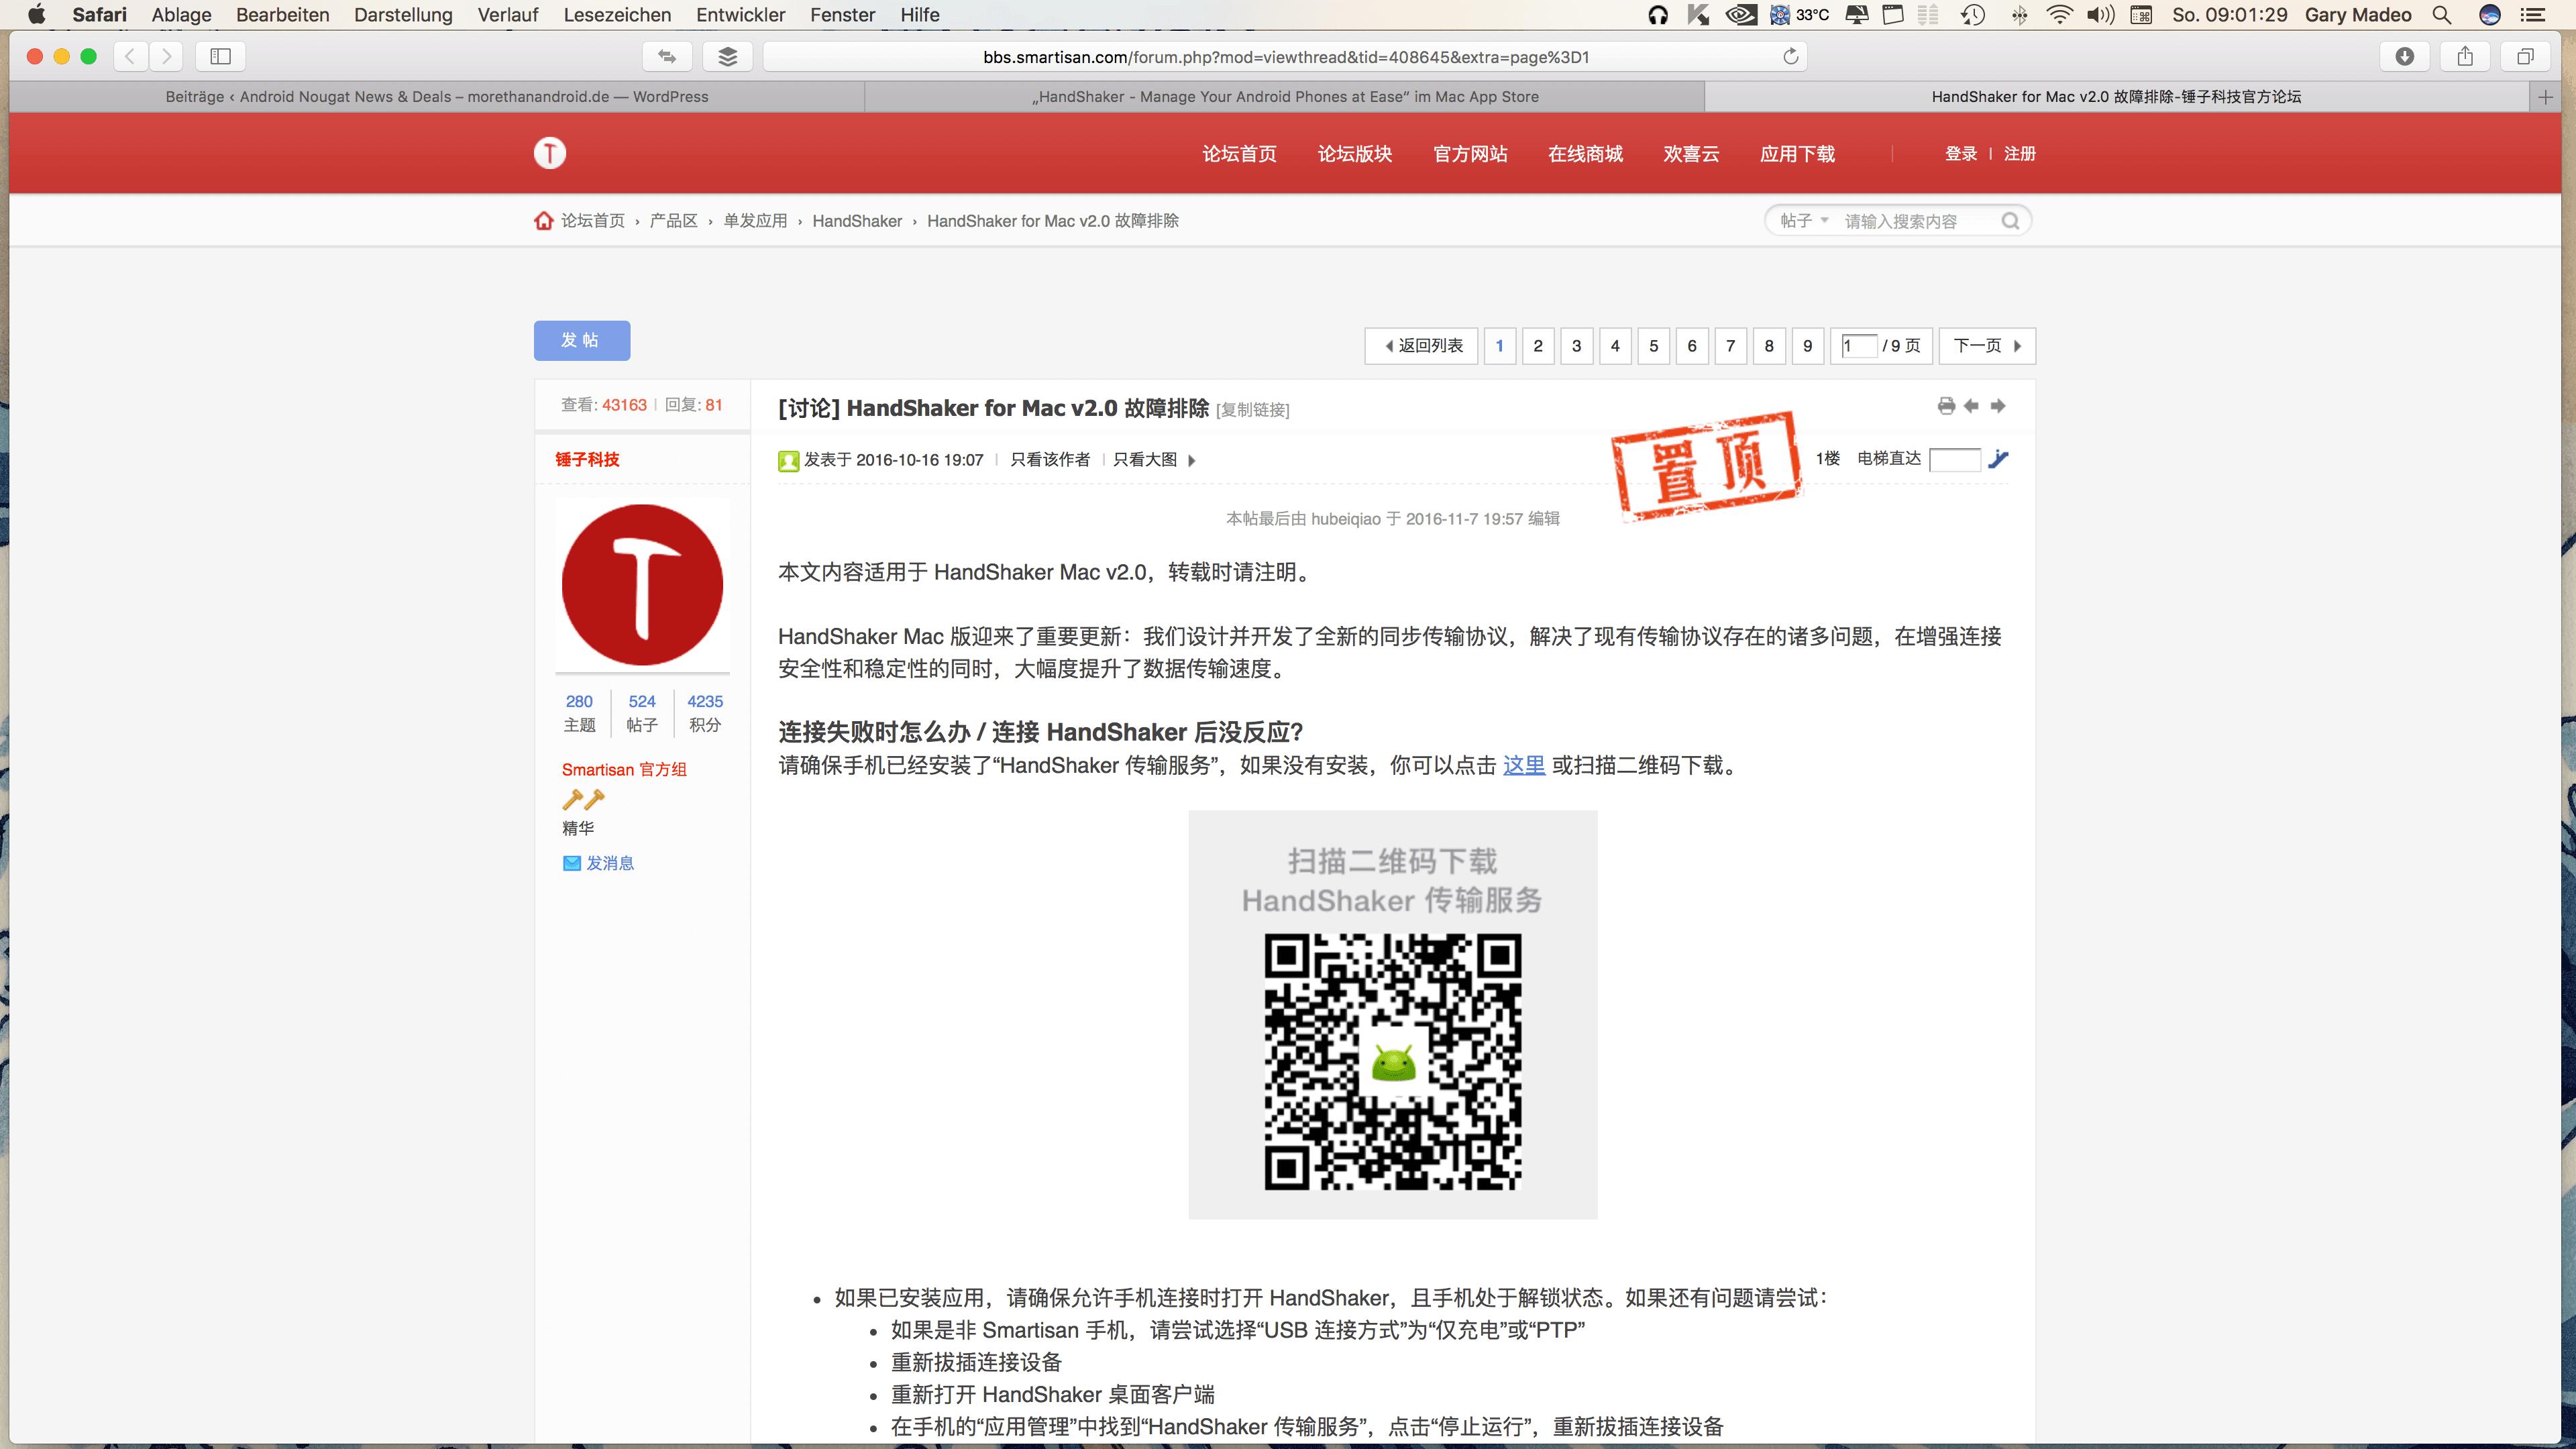 HandShaker 2.0 (Mac) funktioniert viel besser als Android File Transfer 8